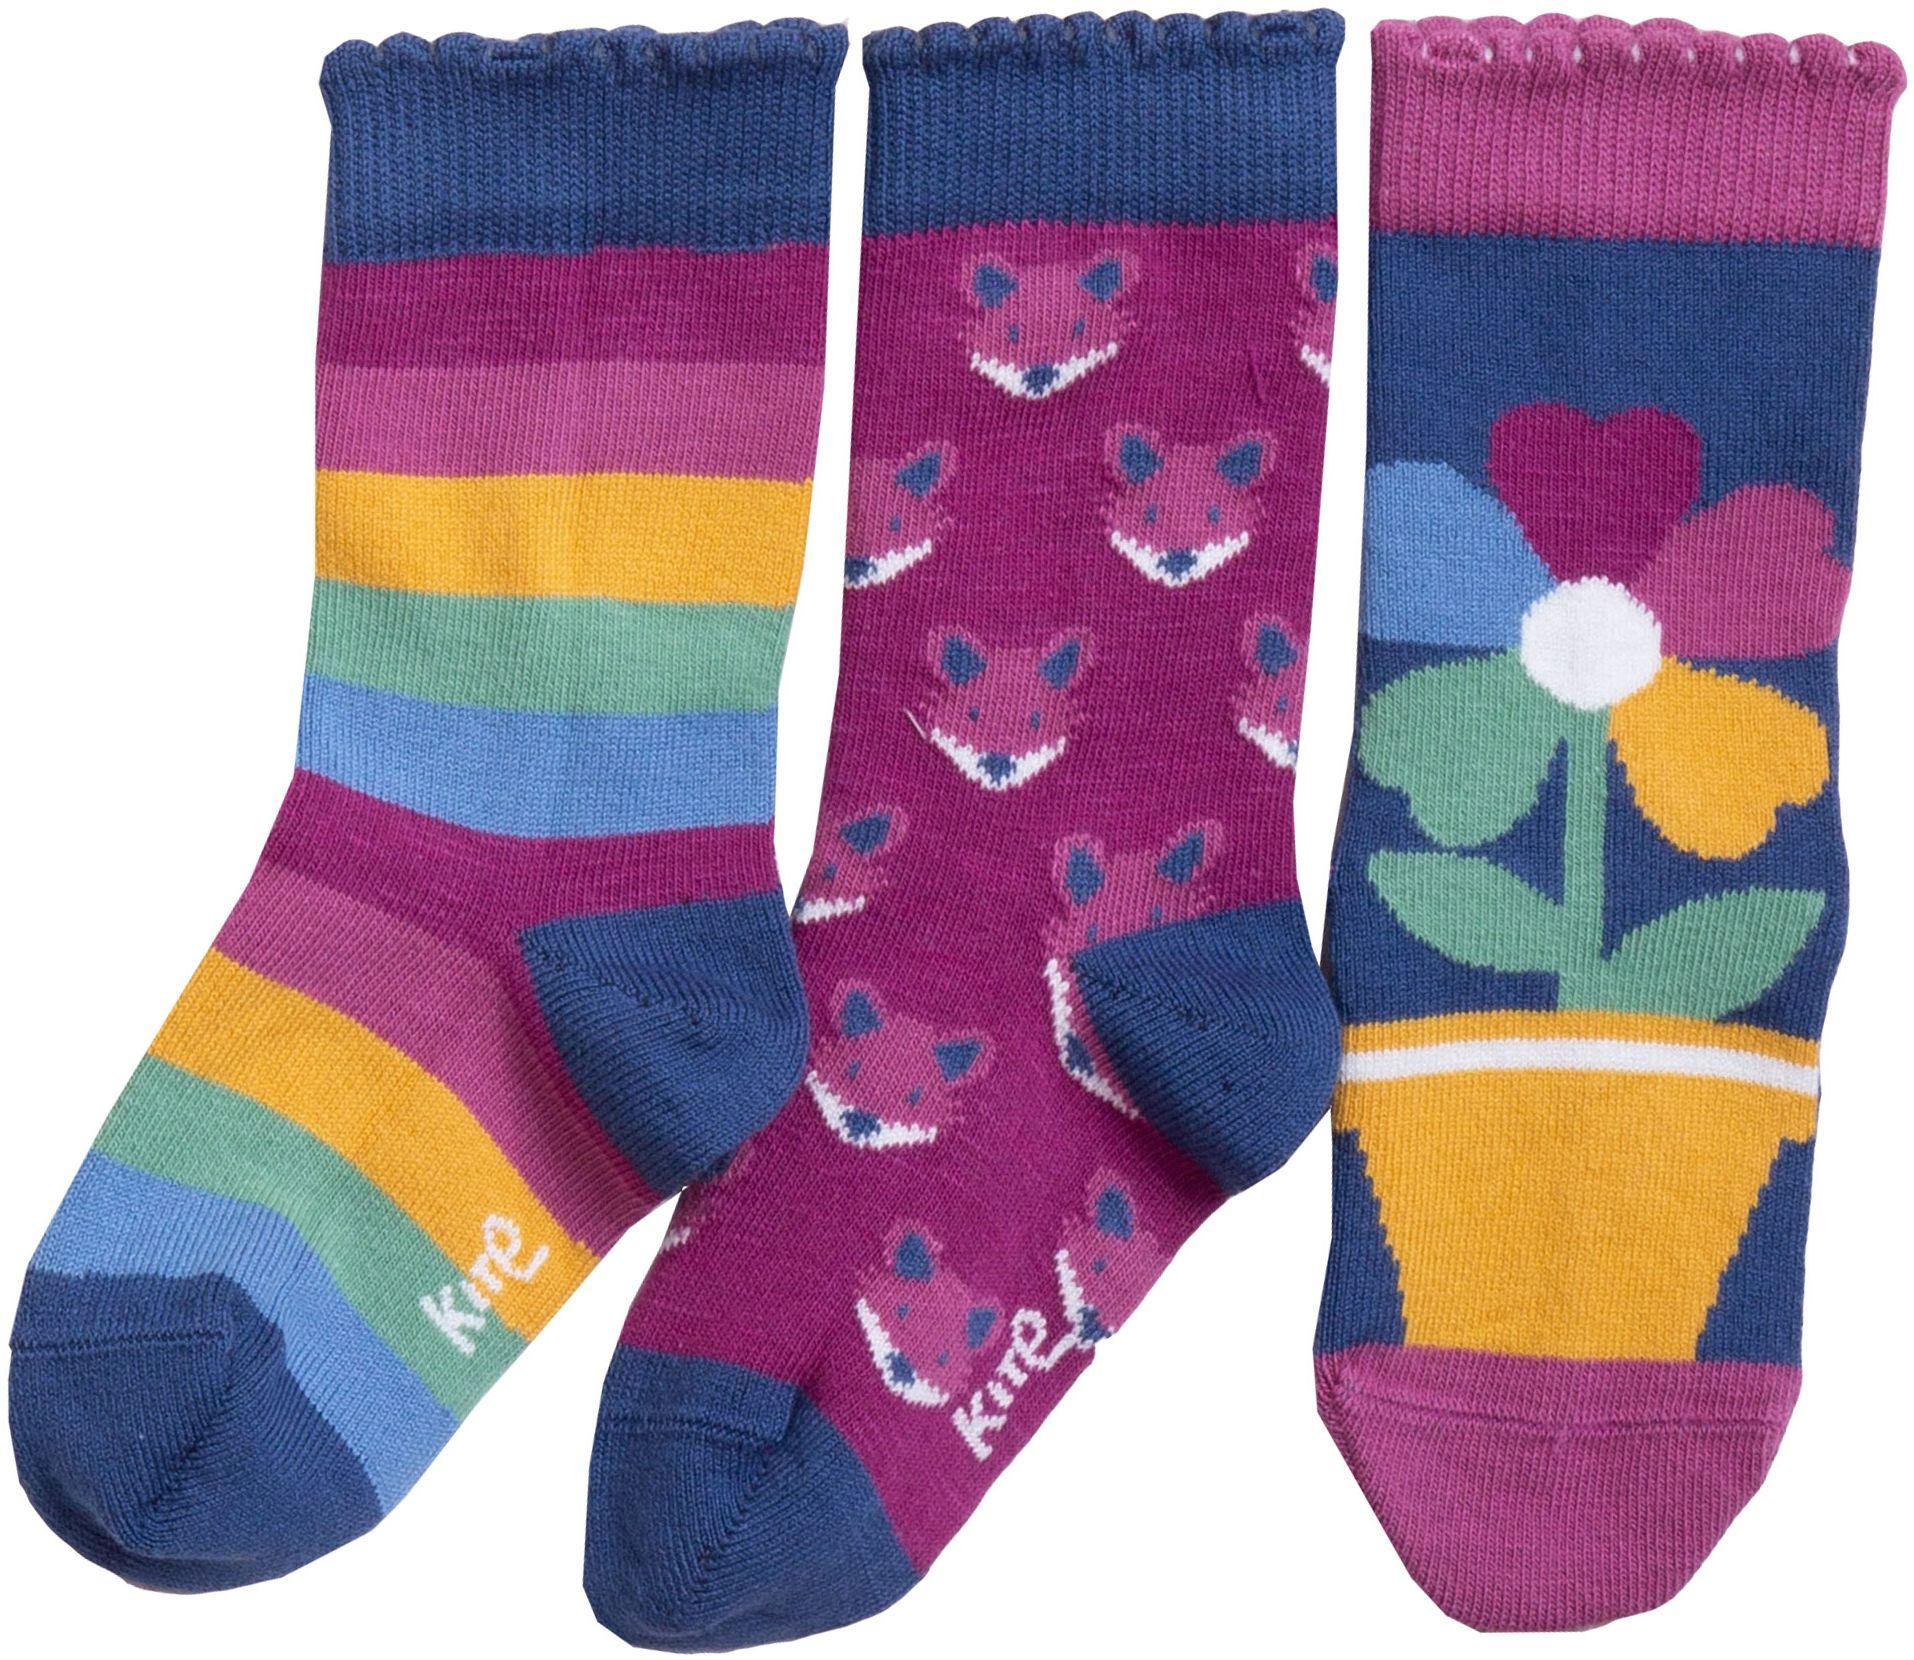 Bunt gemusterte Kinder-Socken im 3er-Pack mit Füchsen